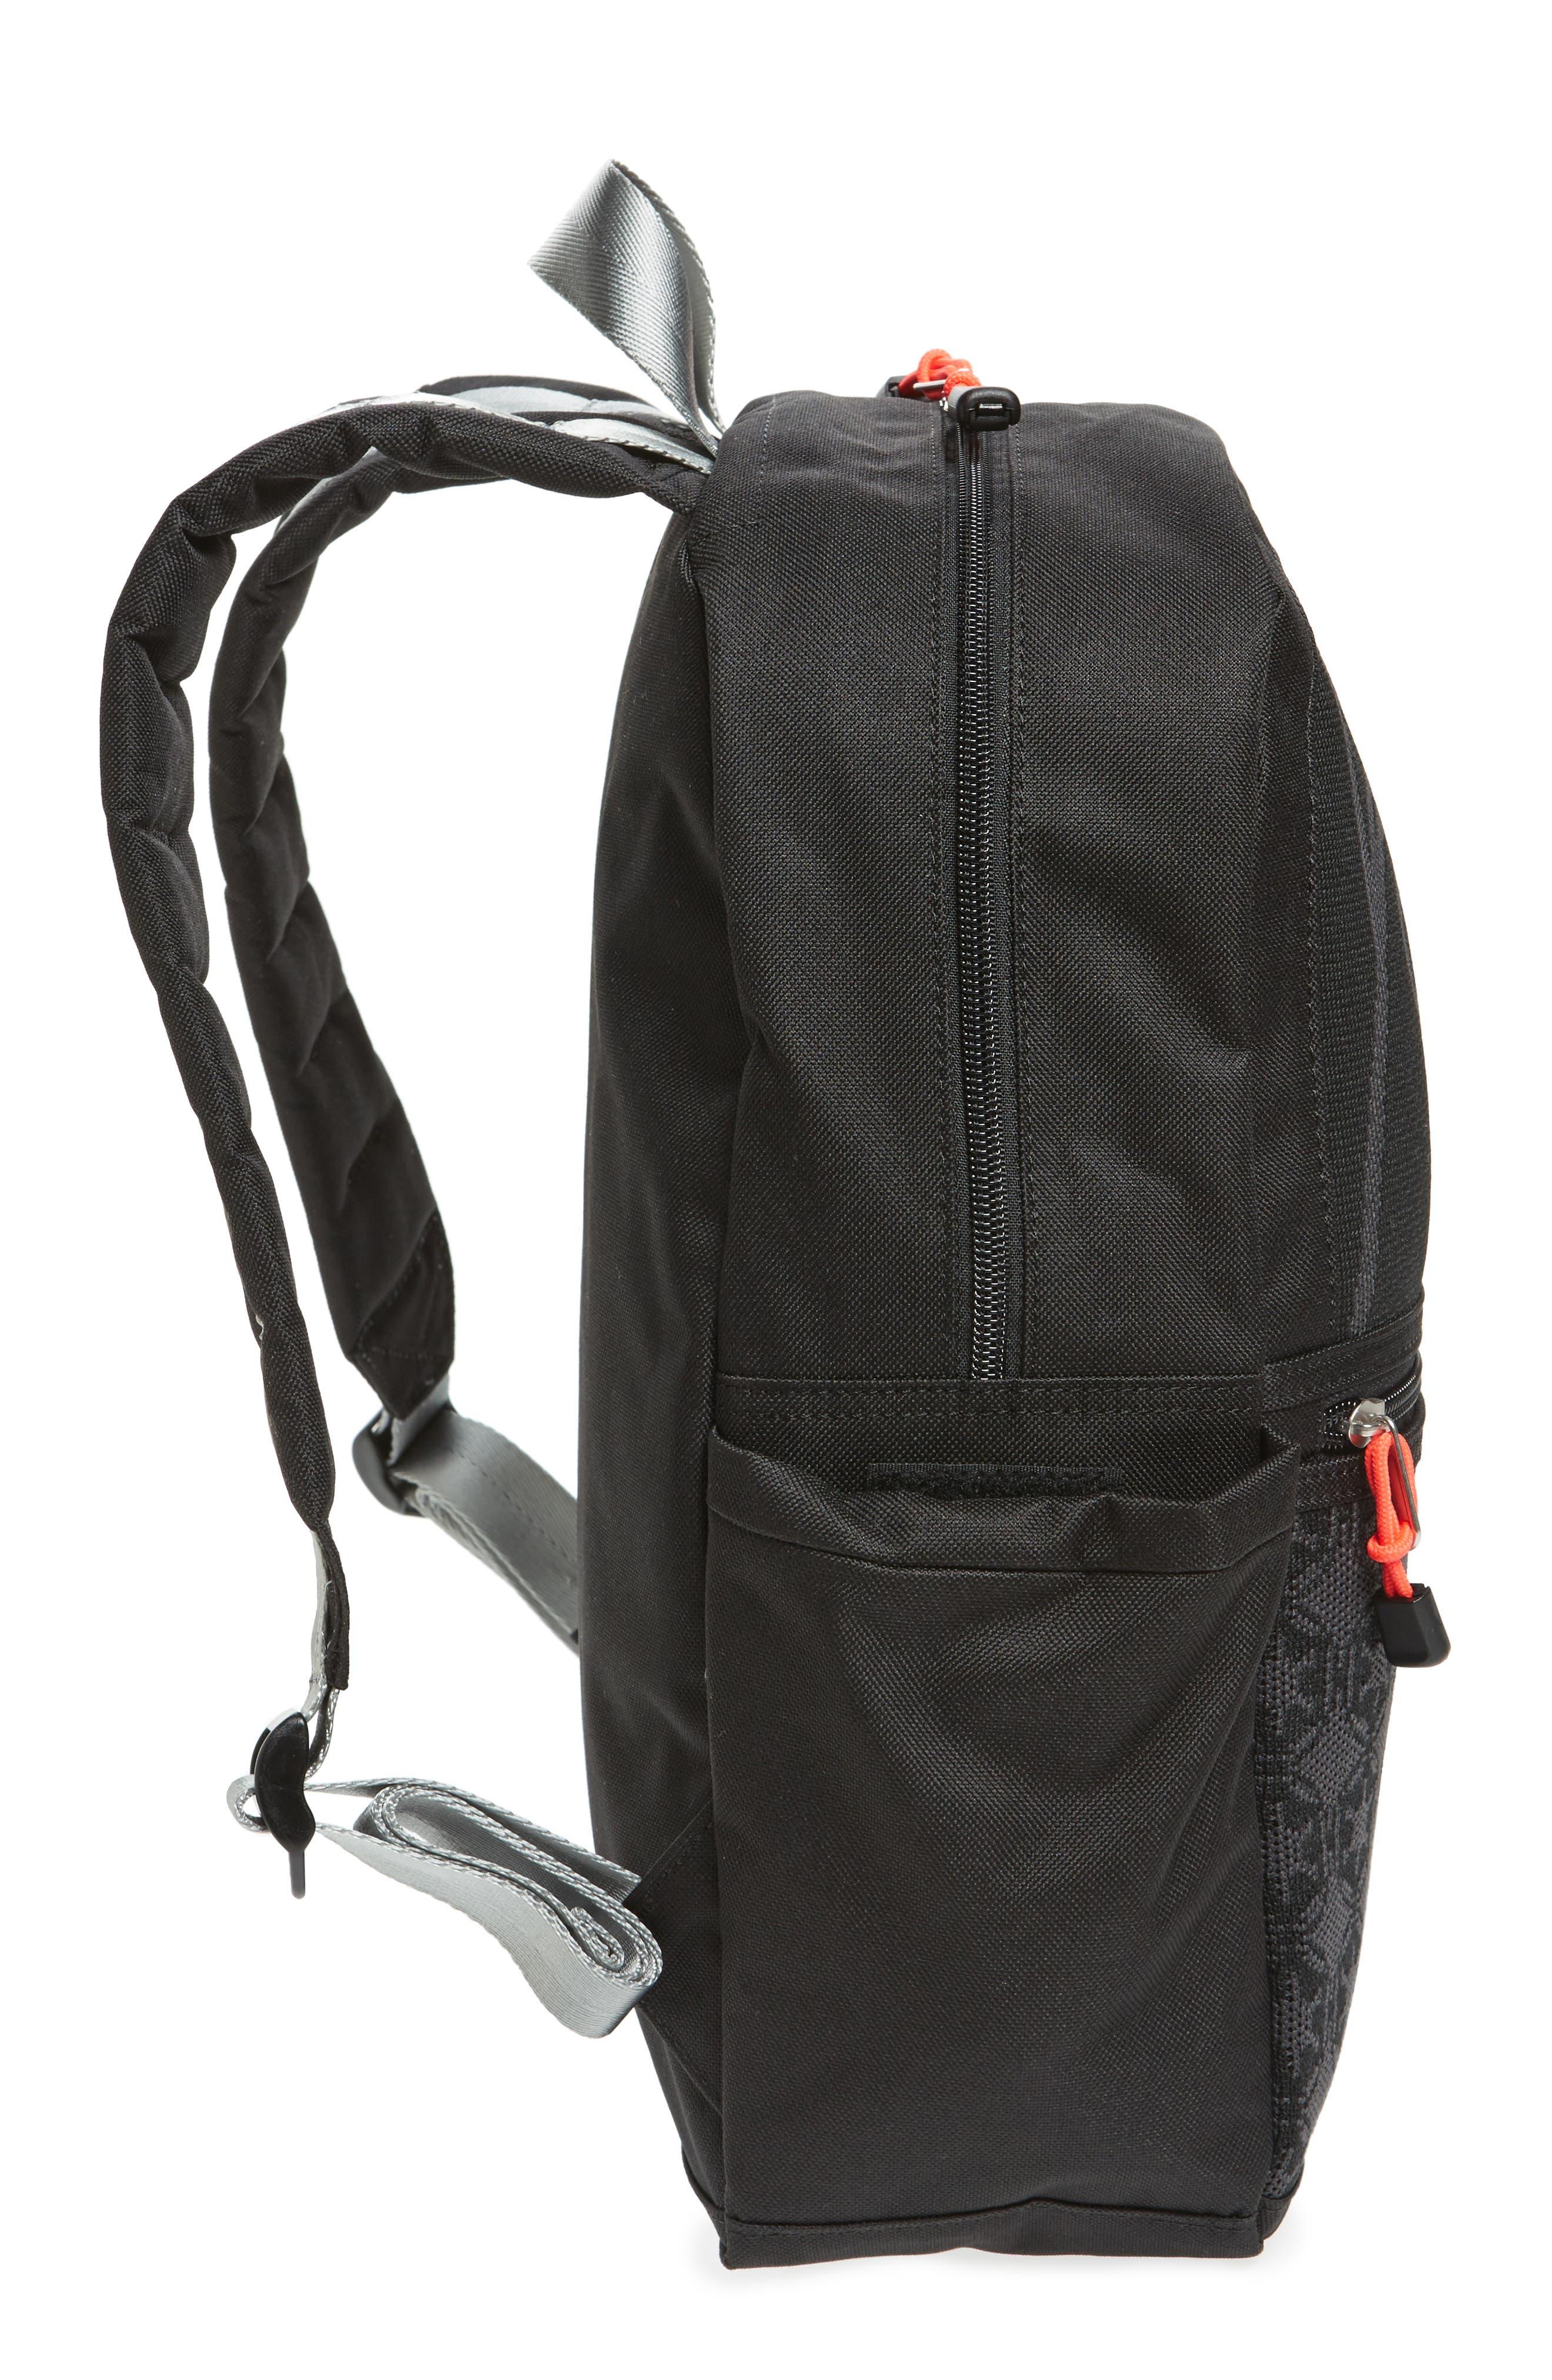 Star Wars<sup>™</sup> - Darth Vader Kane Backpack,                             Alternate thumbnail 5, color,                             Black/ Gray